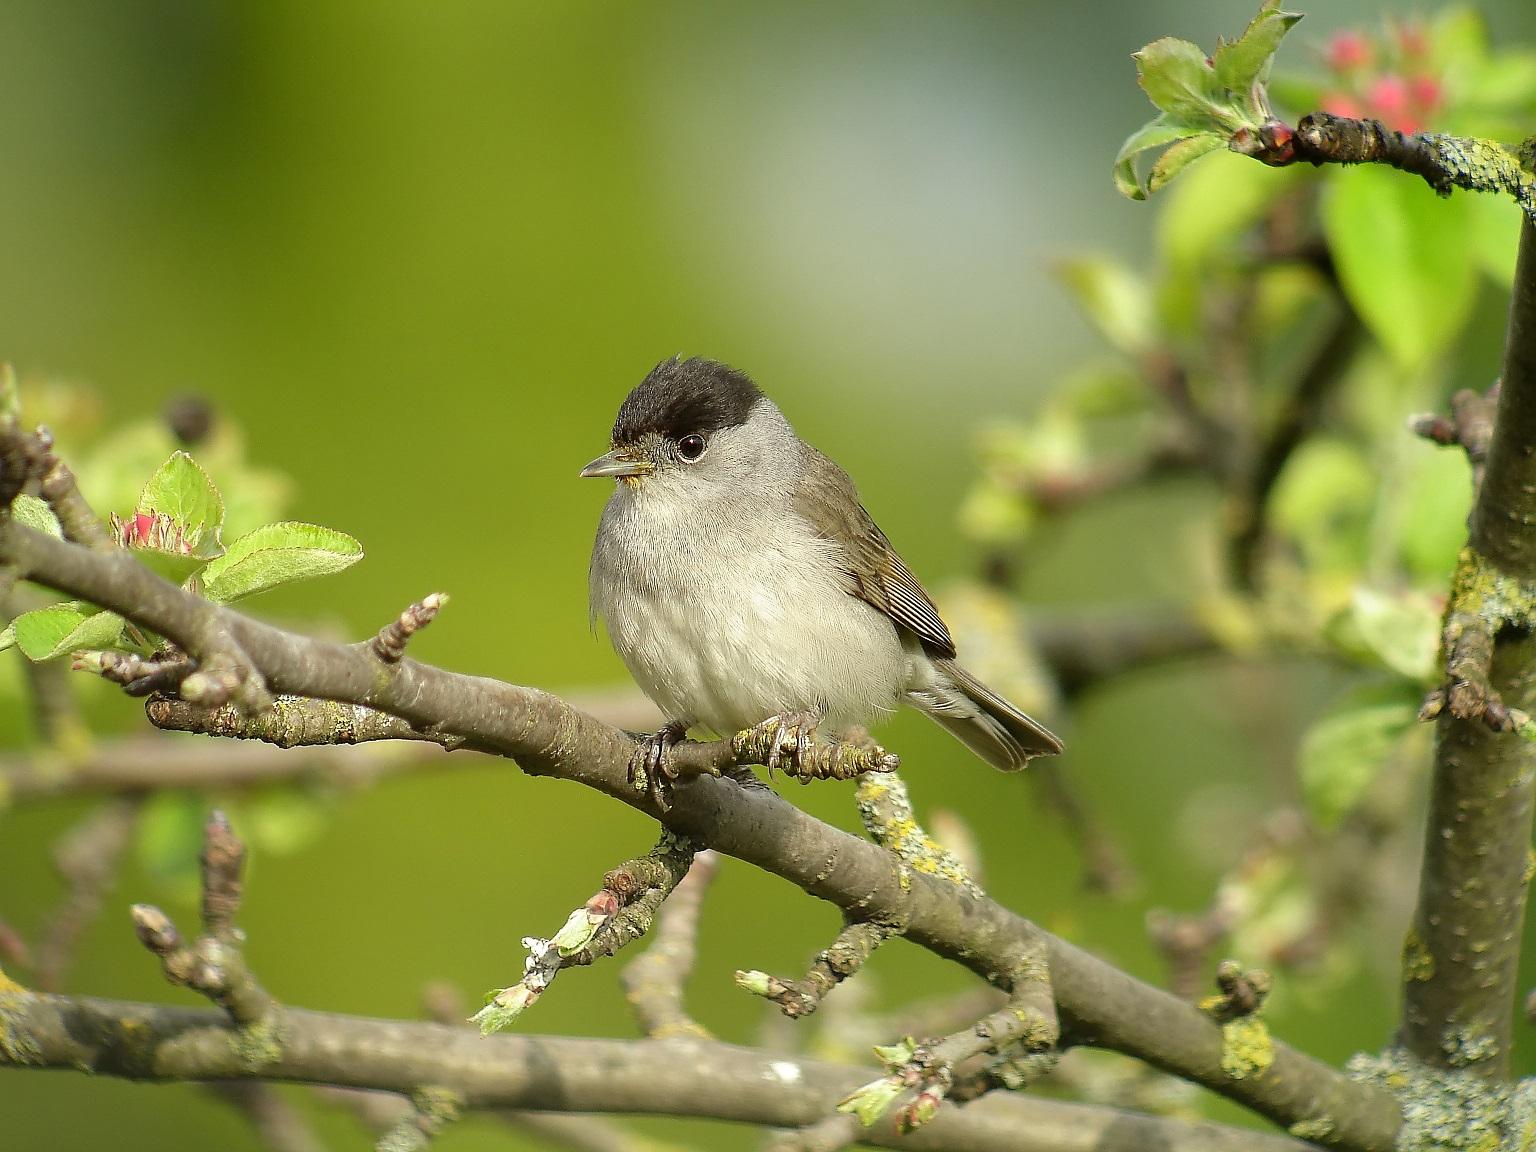 https://cdnfiles2.biolovision.net/www.oiseauxdesjardins.fr/userfiles/FauvettettenoiremleF.Croset.jpg